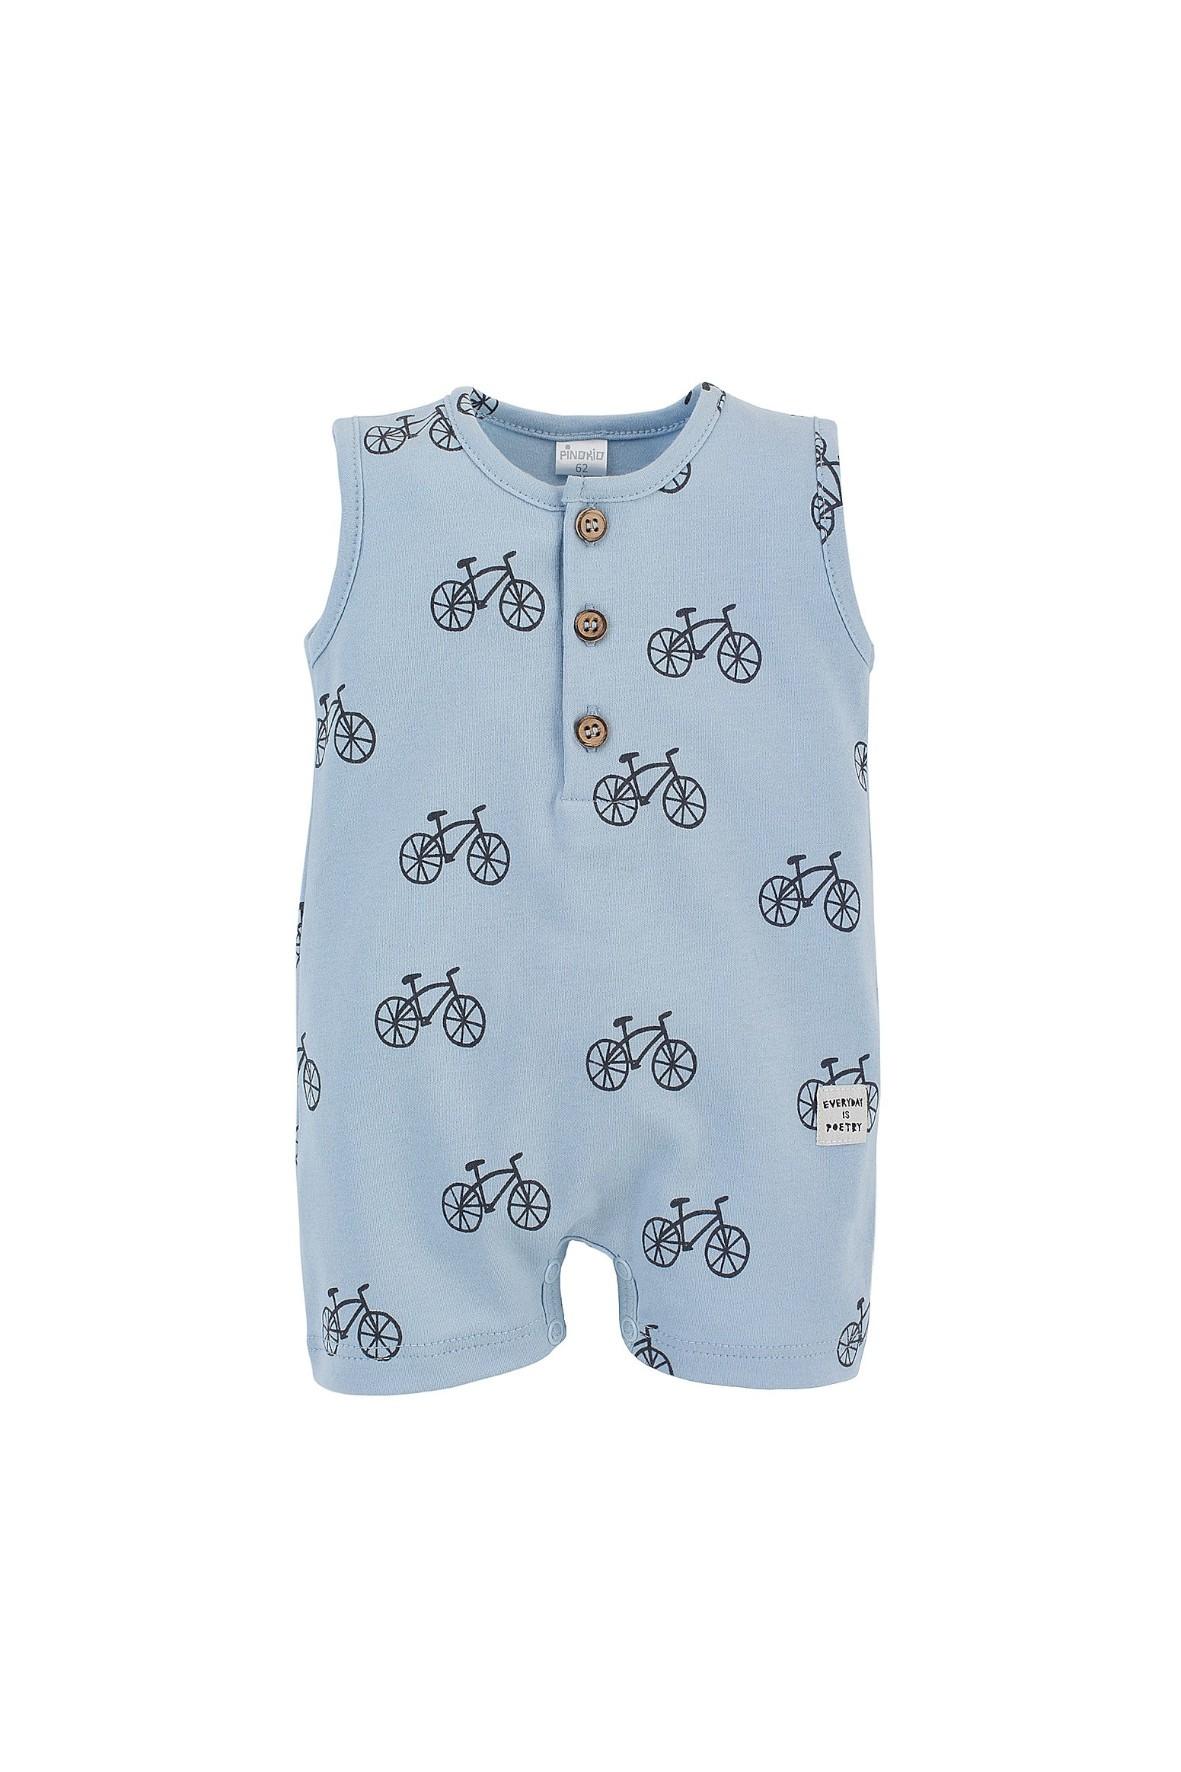 Niebieski, bawełniany rampers dla chłopca